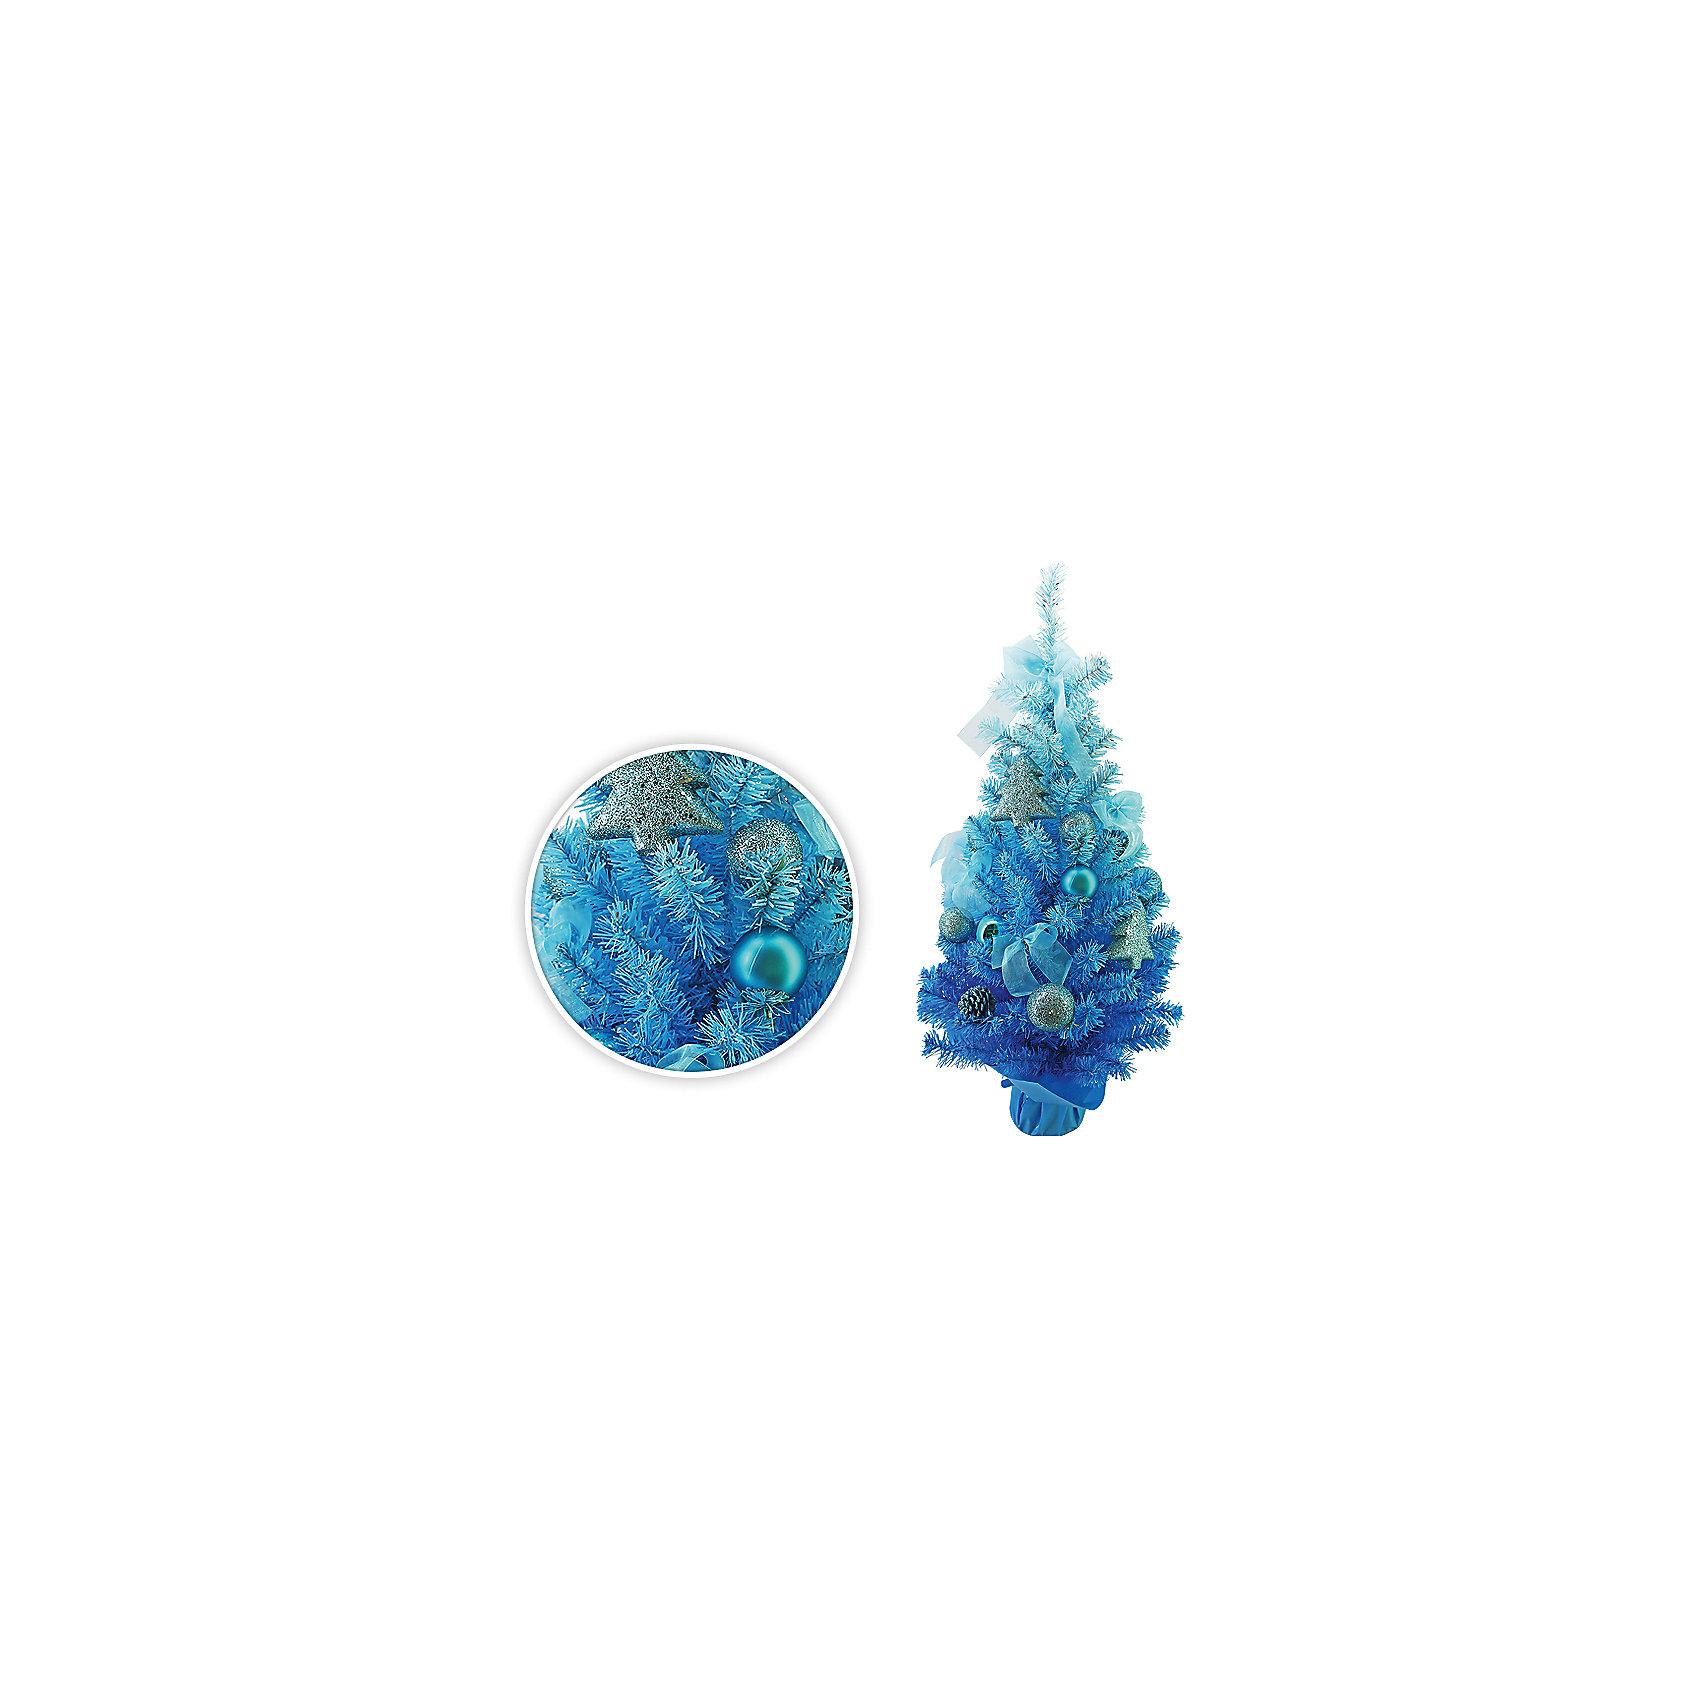 Елка декоративная с украшениями, 75 см, голубой цветВсё для праздника<br>Елка декоративная с украшениями, 75 см, ГОЛУБОЙ цвет<br><br>Ширина мм: 75<br>Глубина мм: 50<br>Высота мм: 50<br>Вес г: 1000<br>Возраст от месяцев: 72<br>Возраст до месяцев: 540<br>Пол: Унисекс<br>Возраст: Детский<br>SKU: 5159007